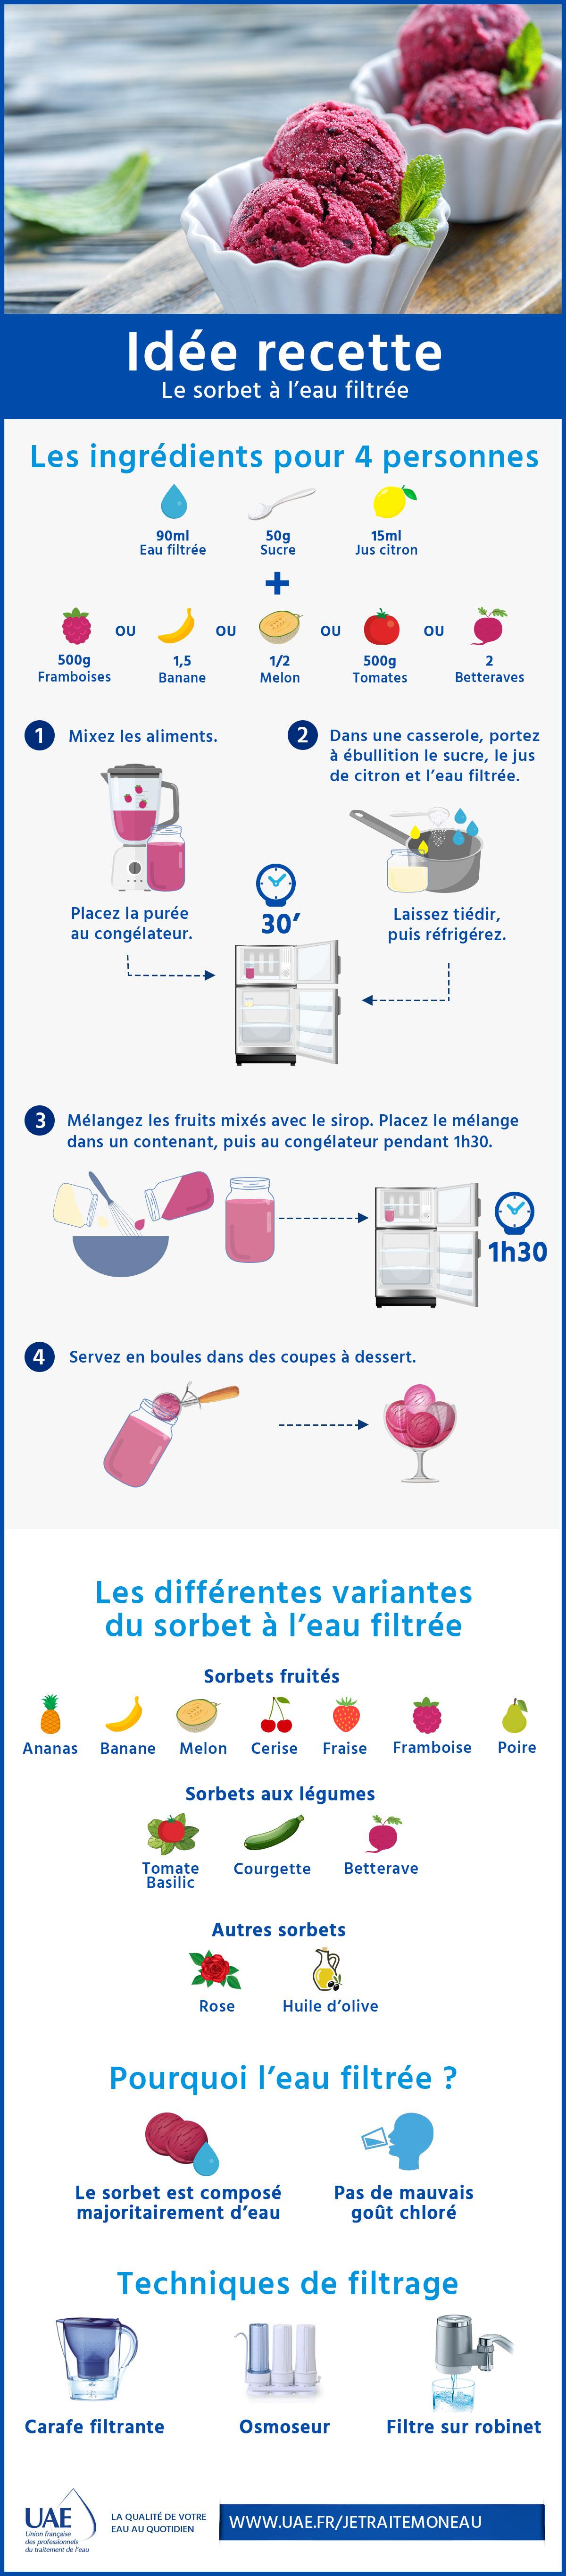 infographie sorbet à l'eau filtrée